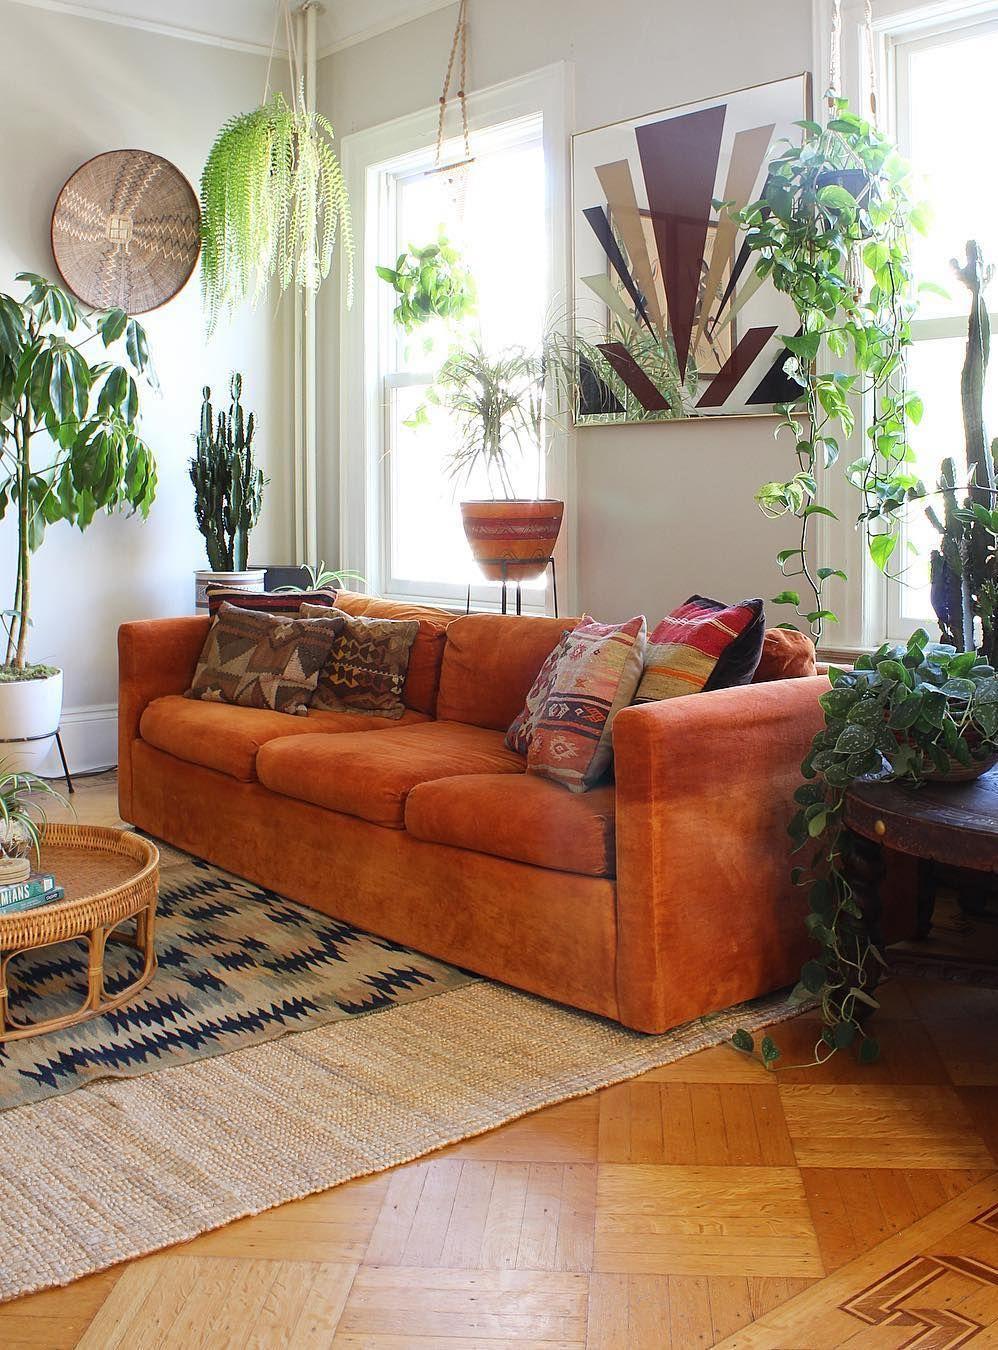 Bọc ghế sofa - Trang trí phòng khách theo phong cách Bohemian